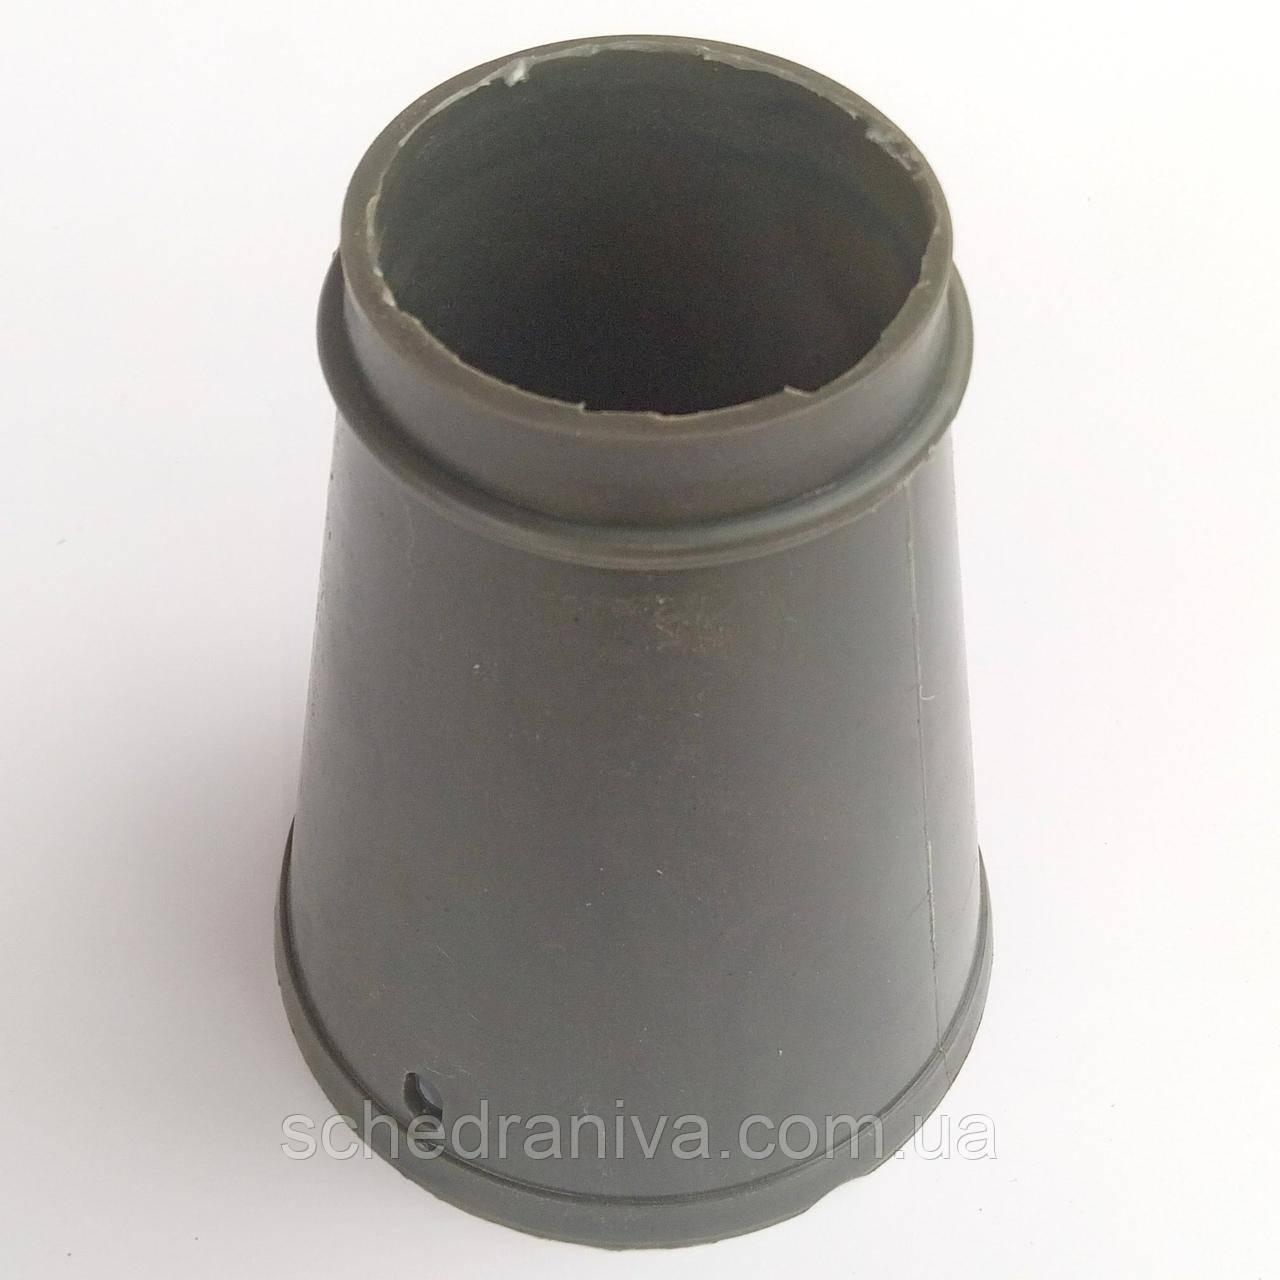 Воронка Н 042.01.009 (под металлический туковысевающий аппарат) СУПН-8а